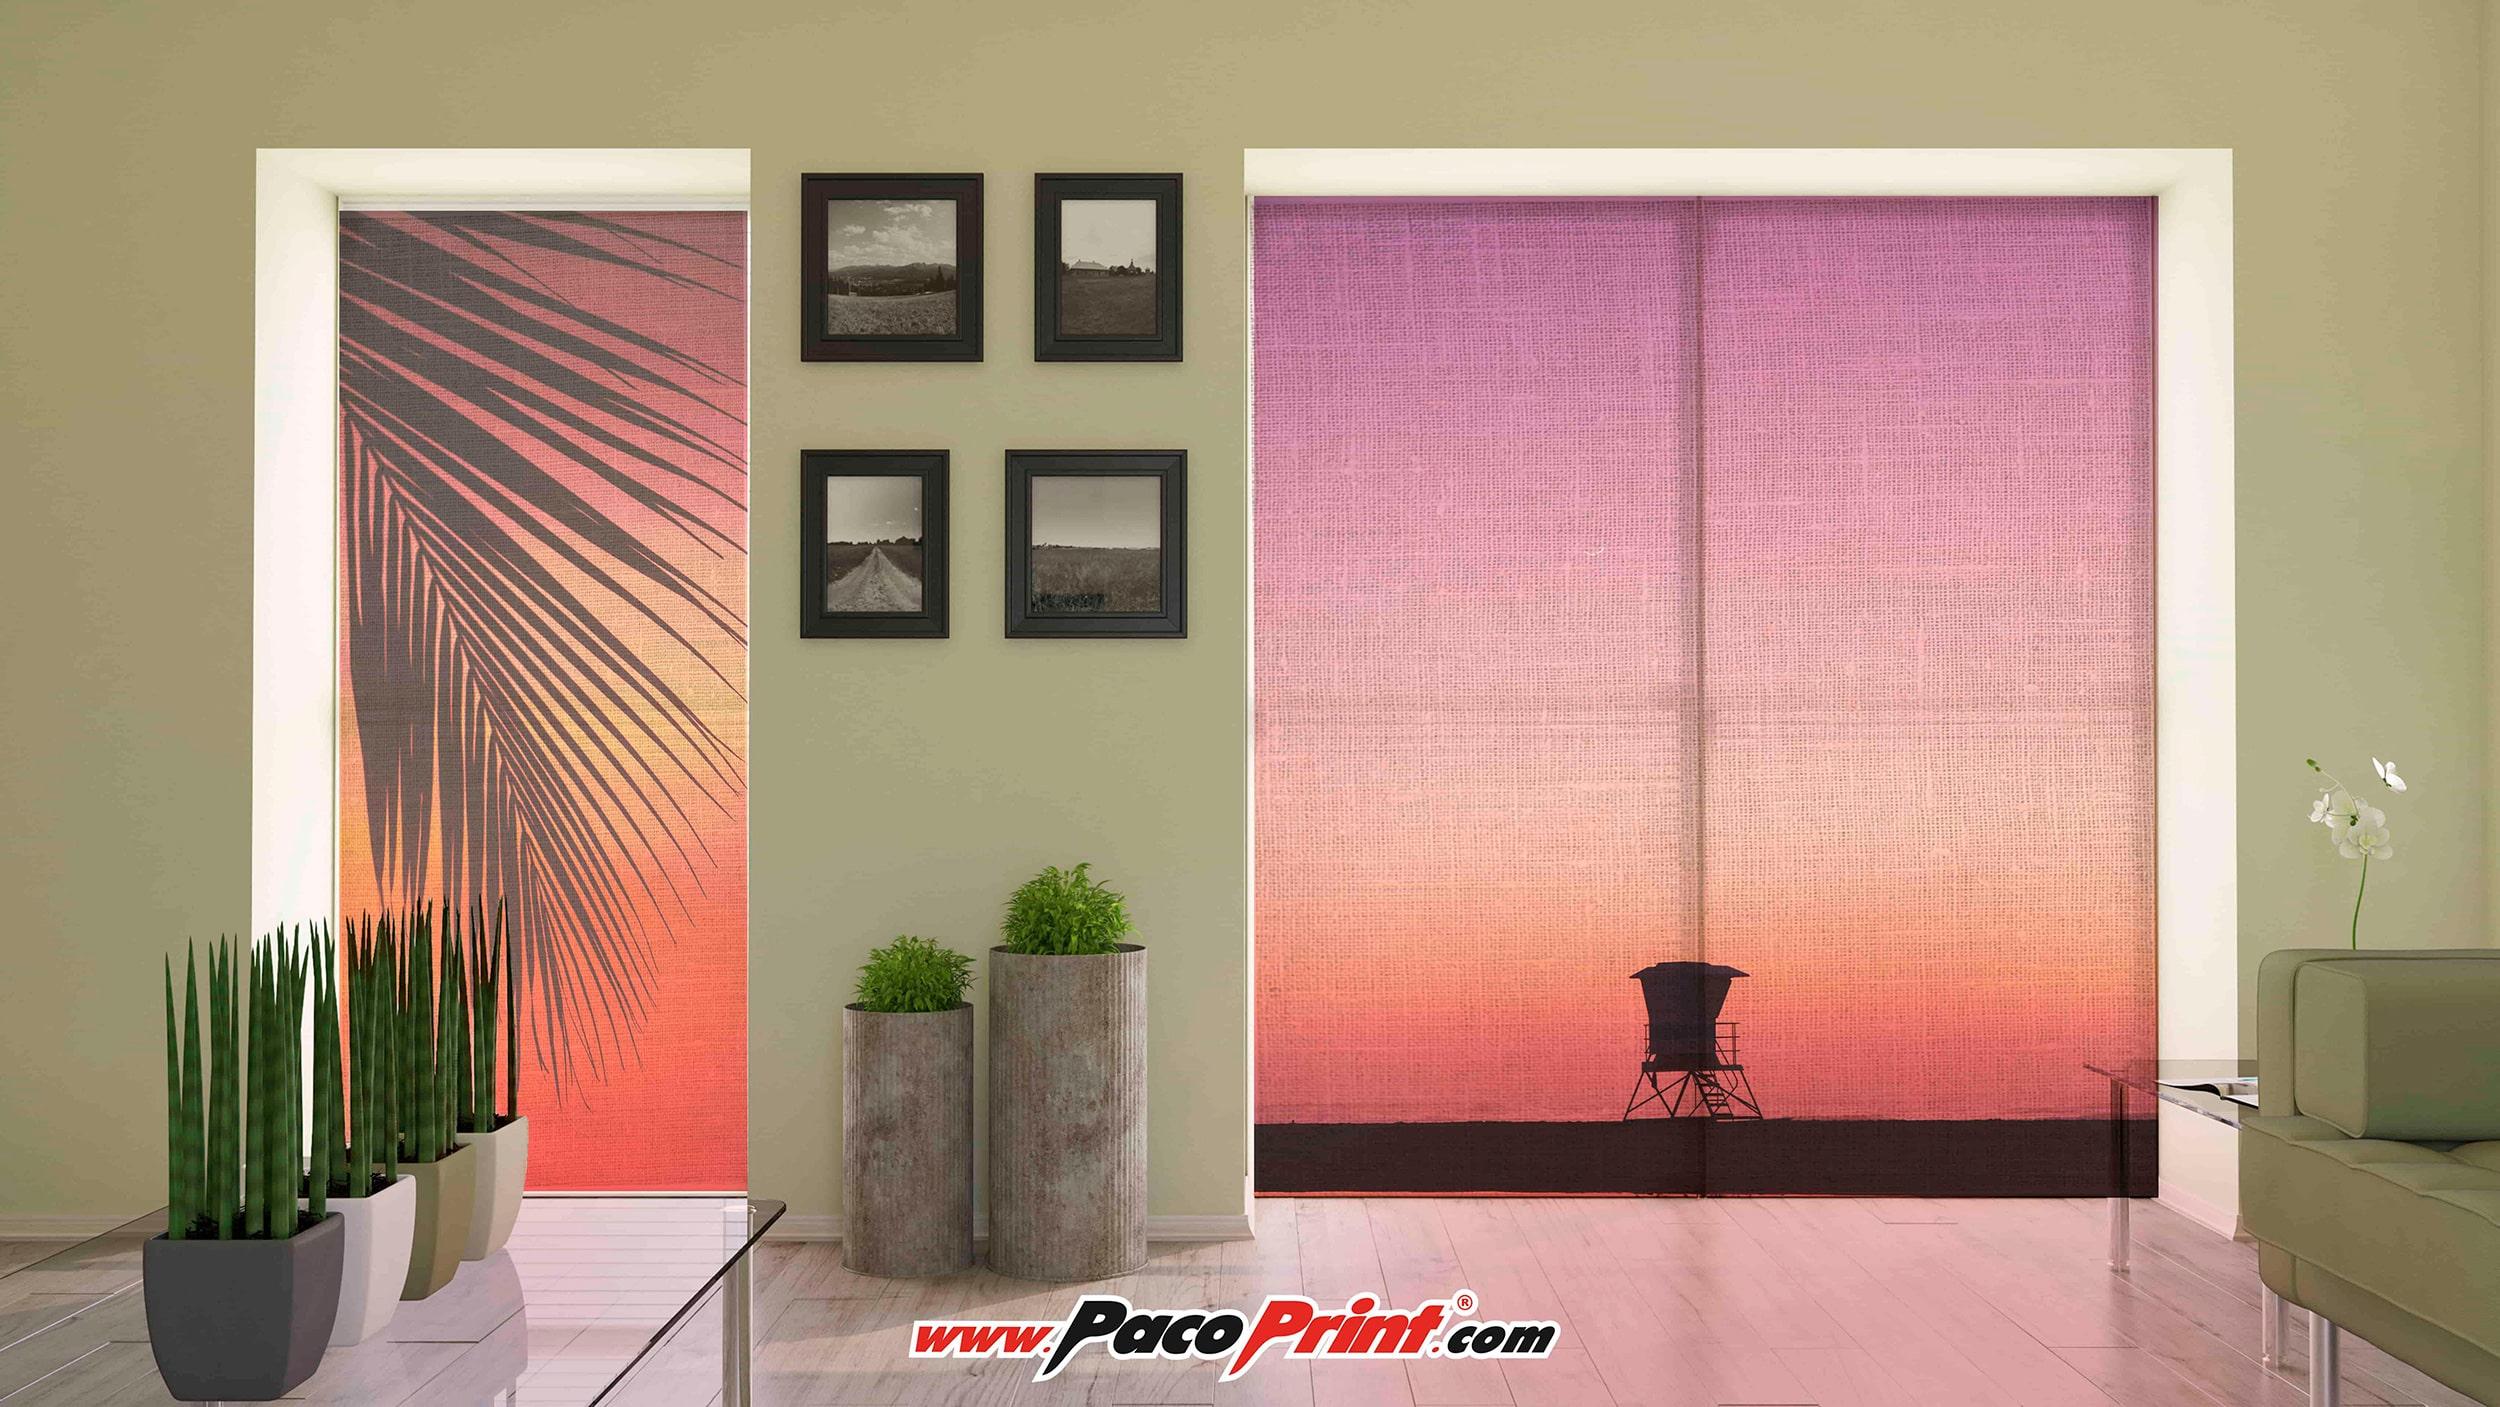 Impresión digital de gran formato para decoración de interiores.